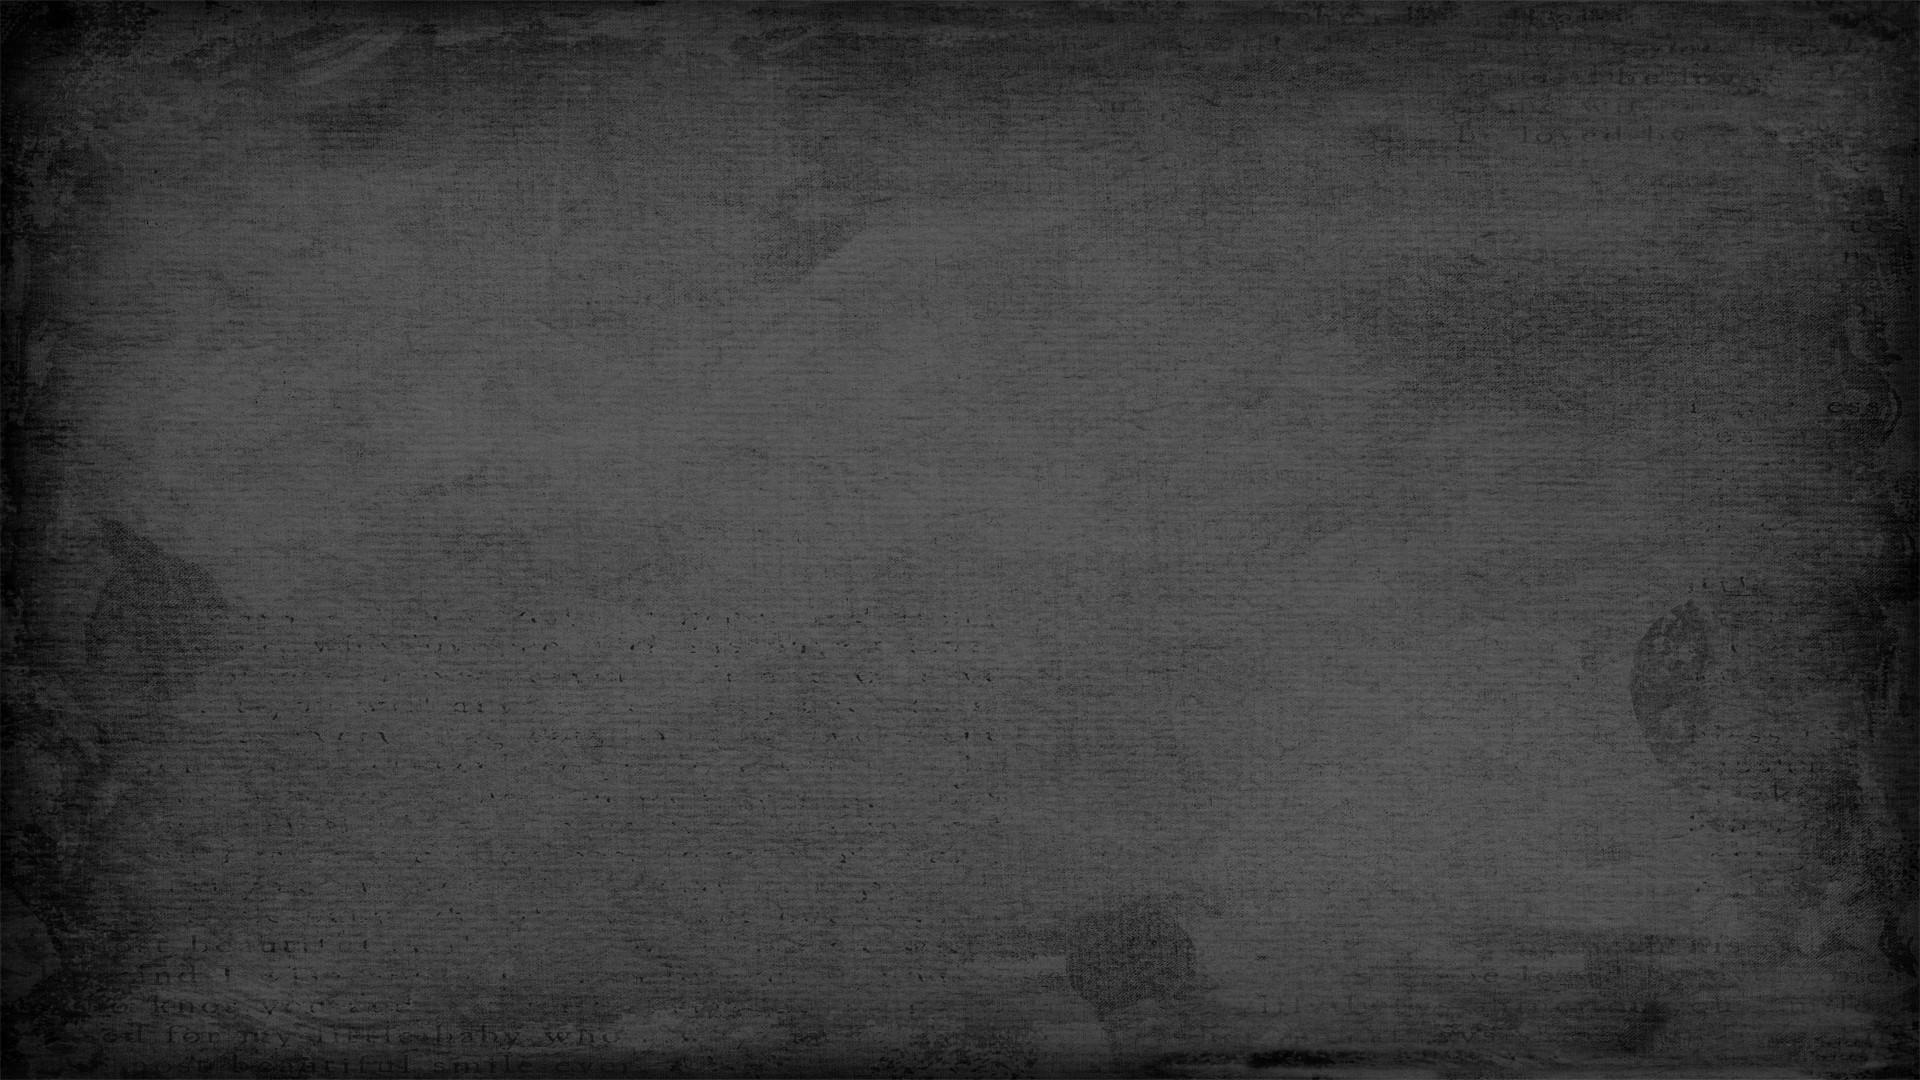 Chalkboard Background Wallpaper